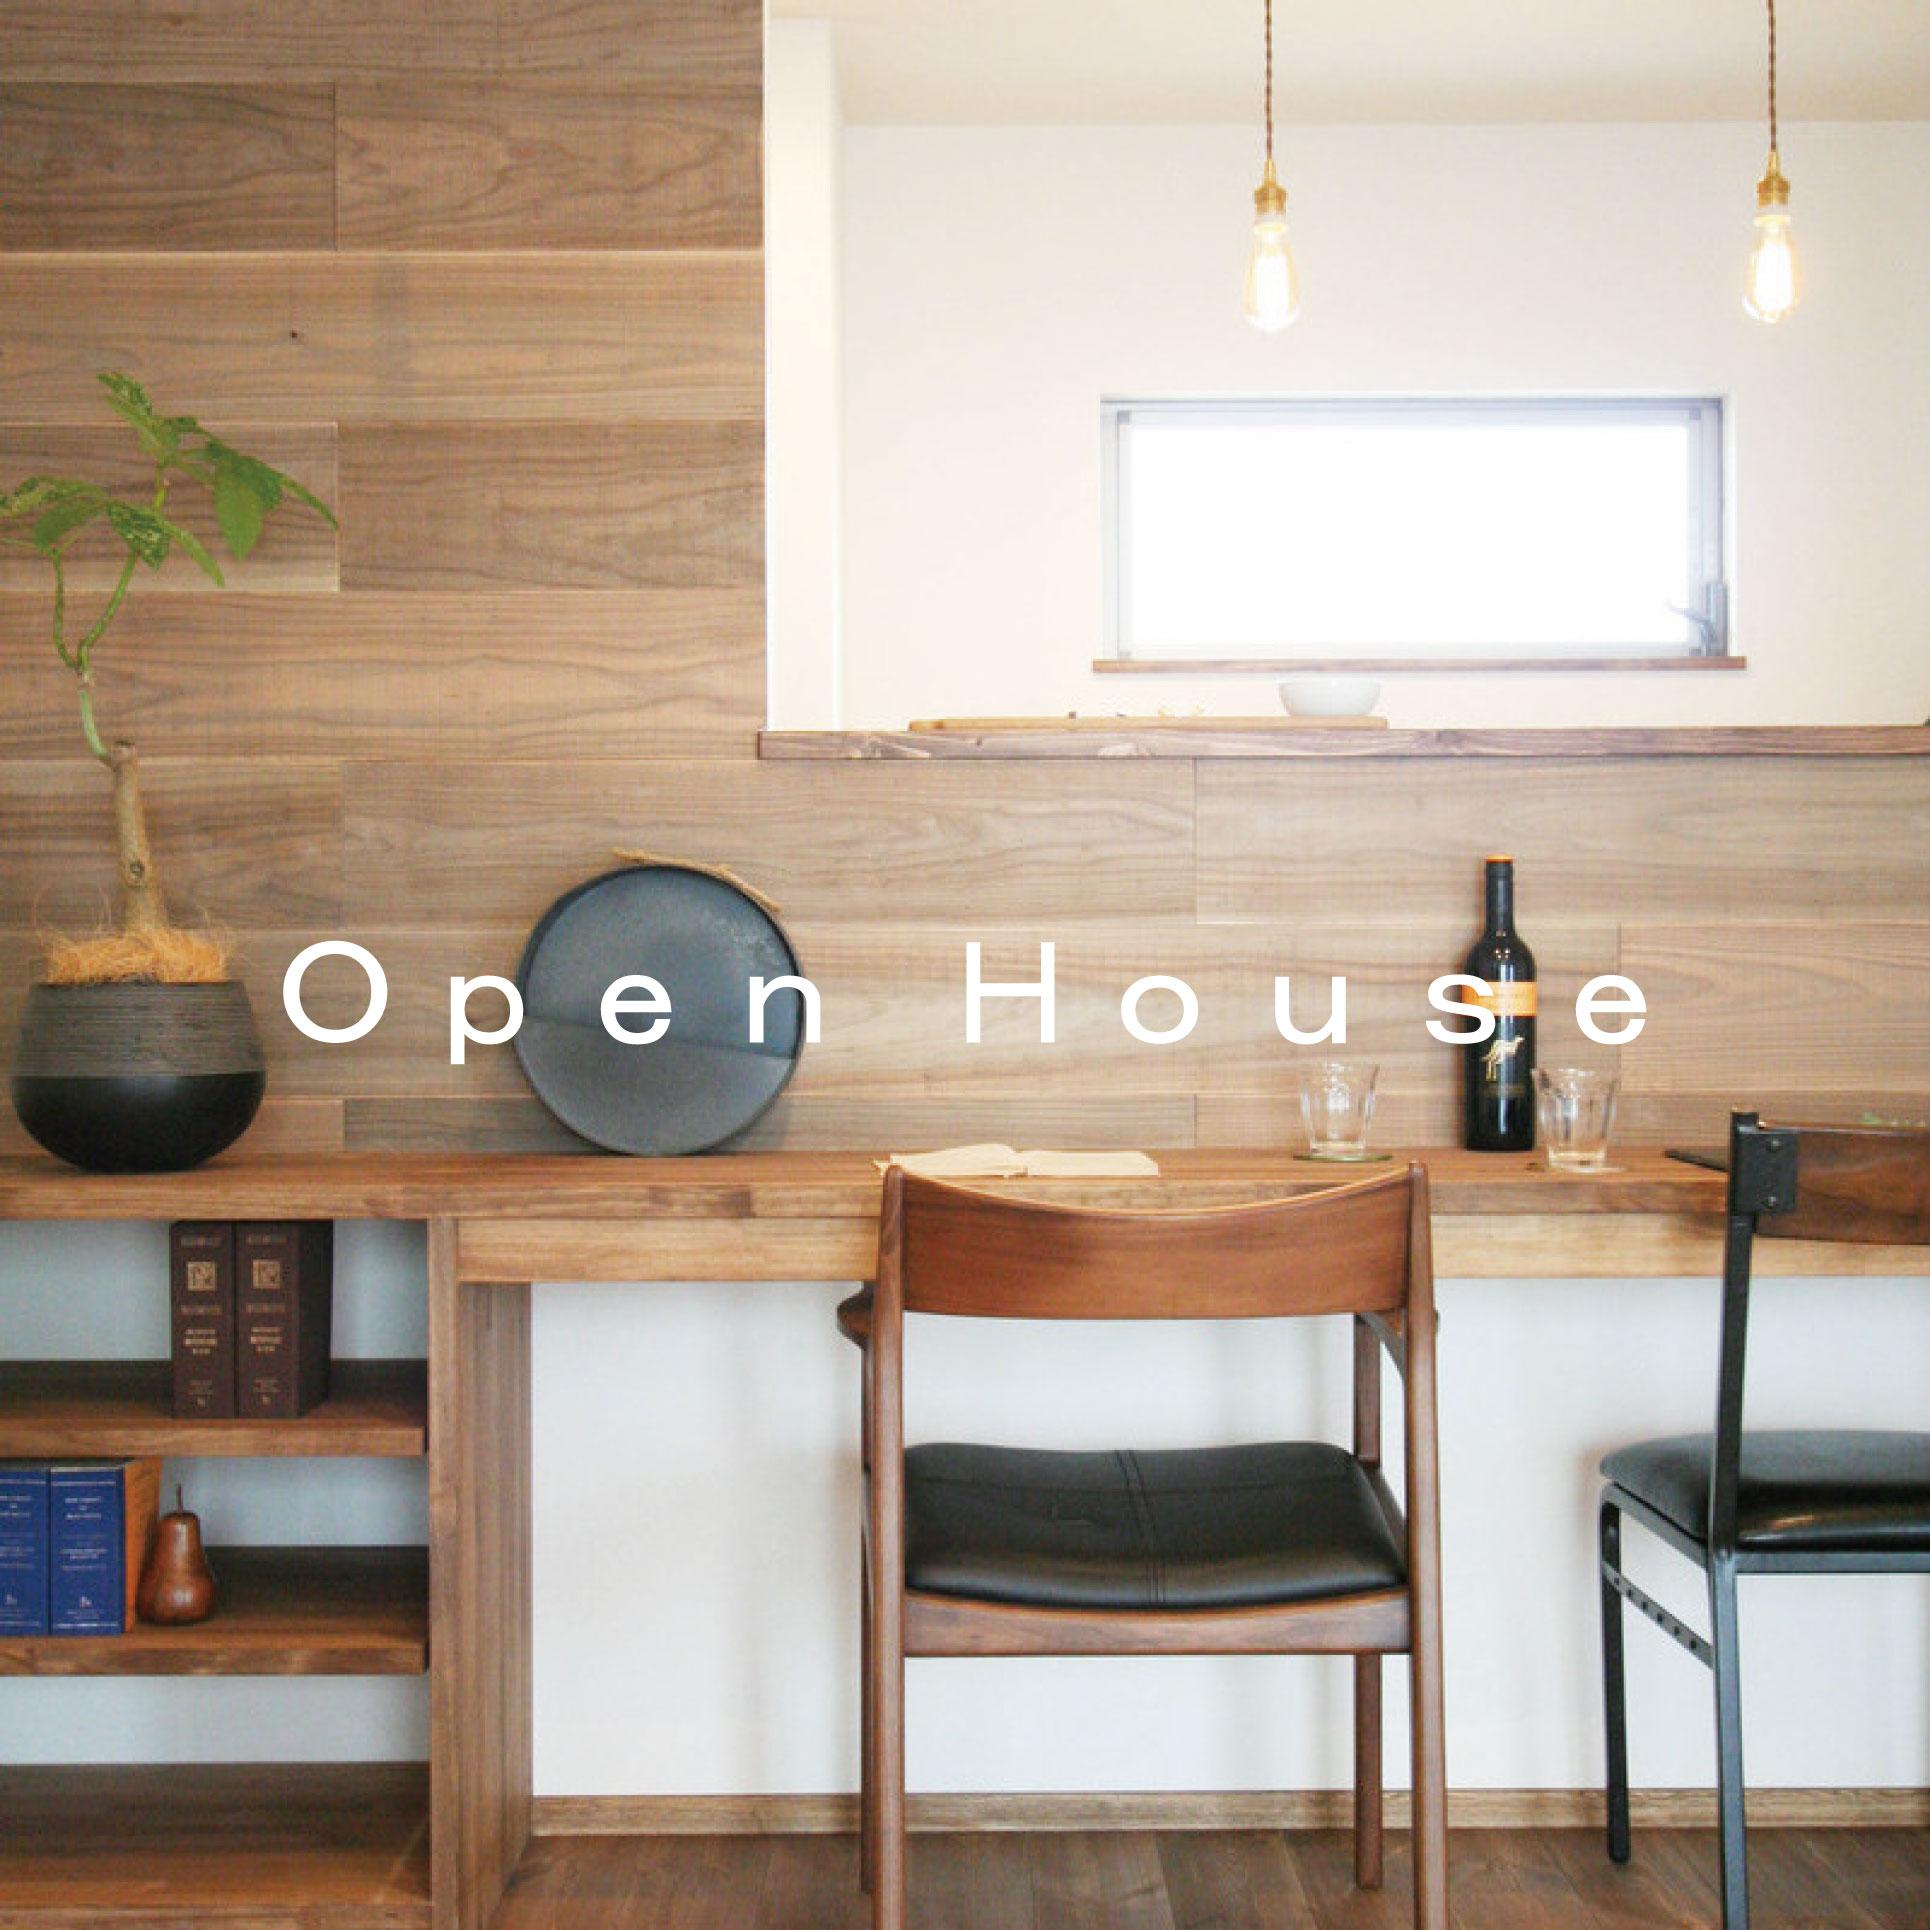 高知県黒潮町に平屋のカッコいい自然素材の家が完成しました。見学会を行います。